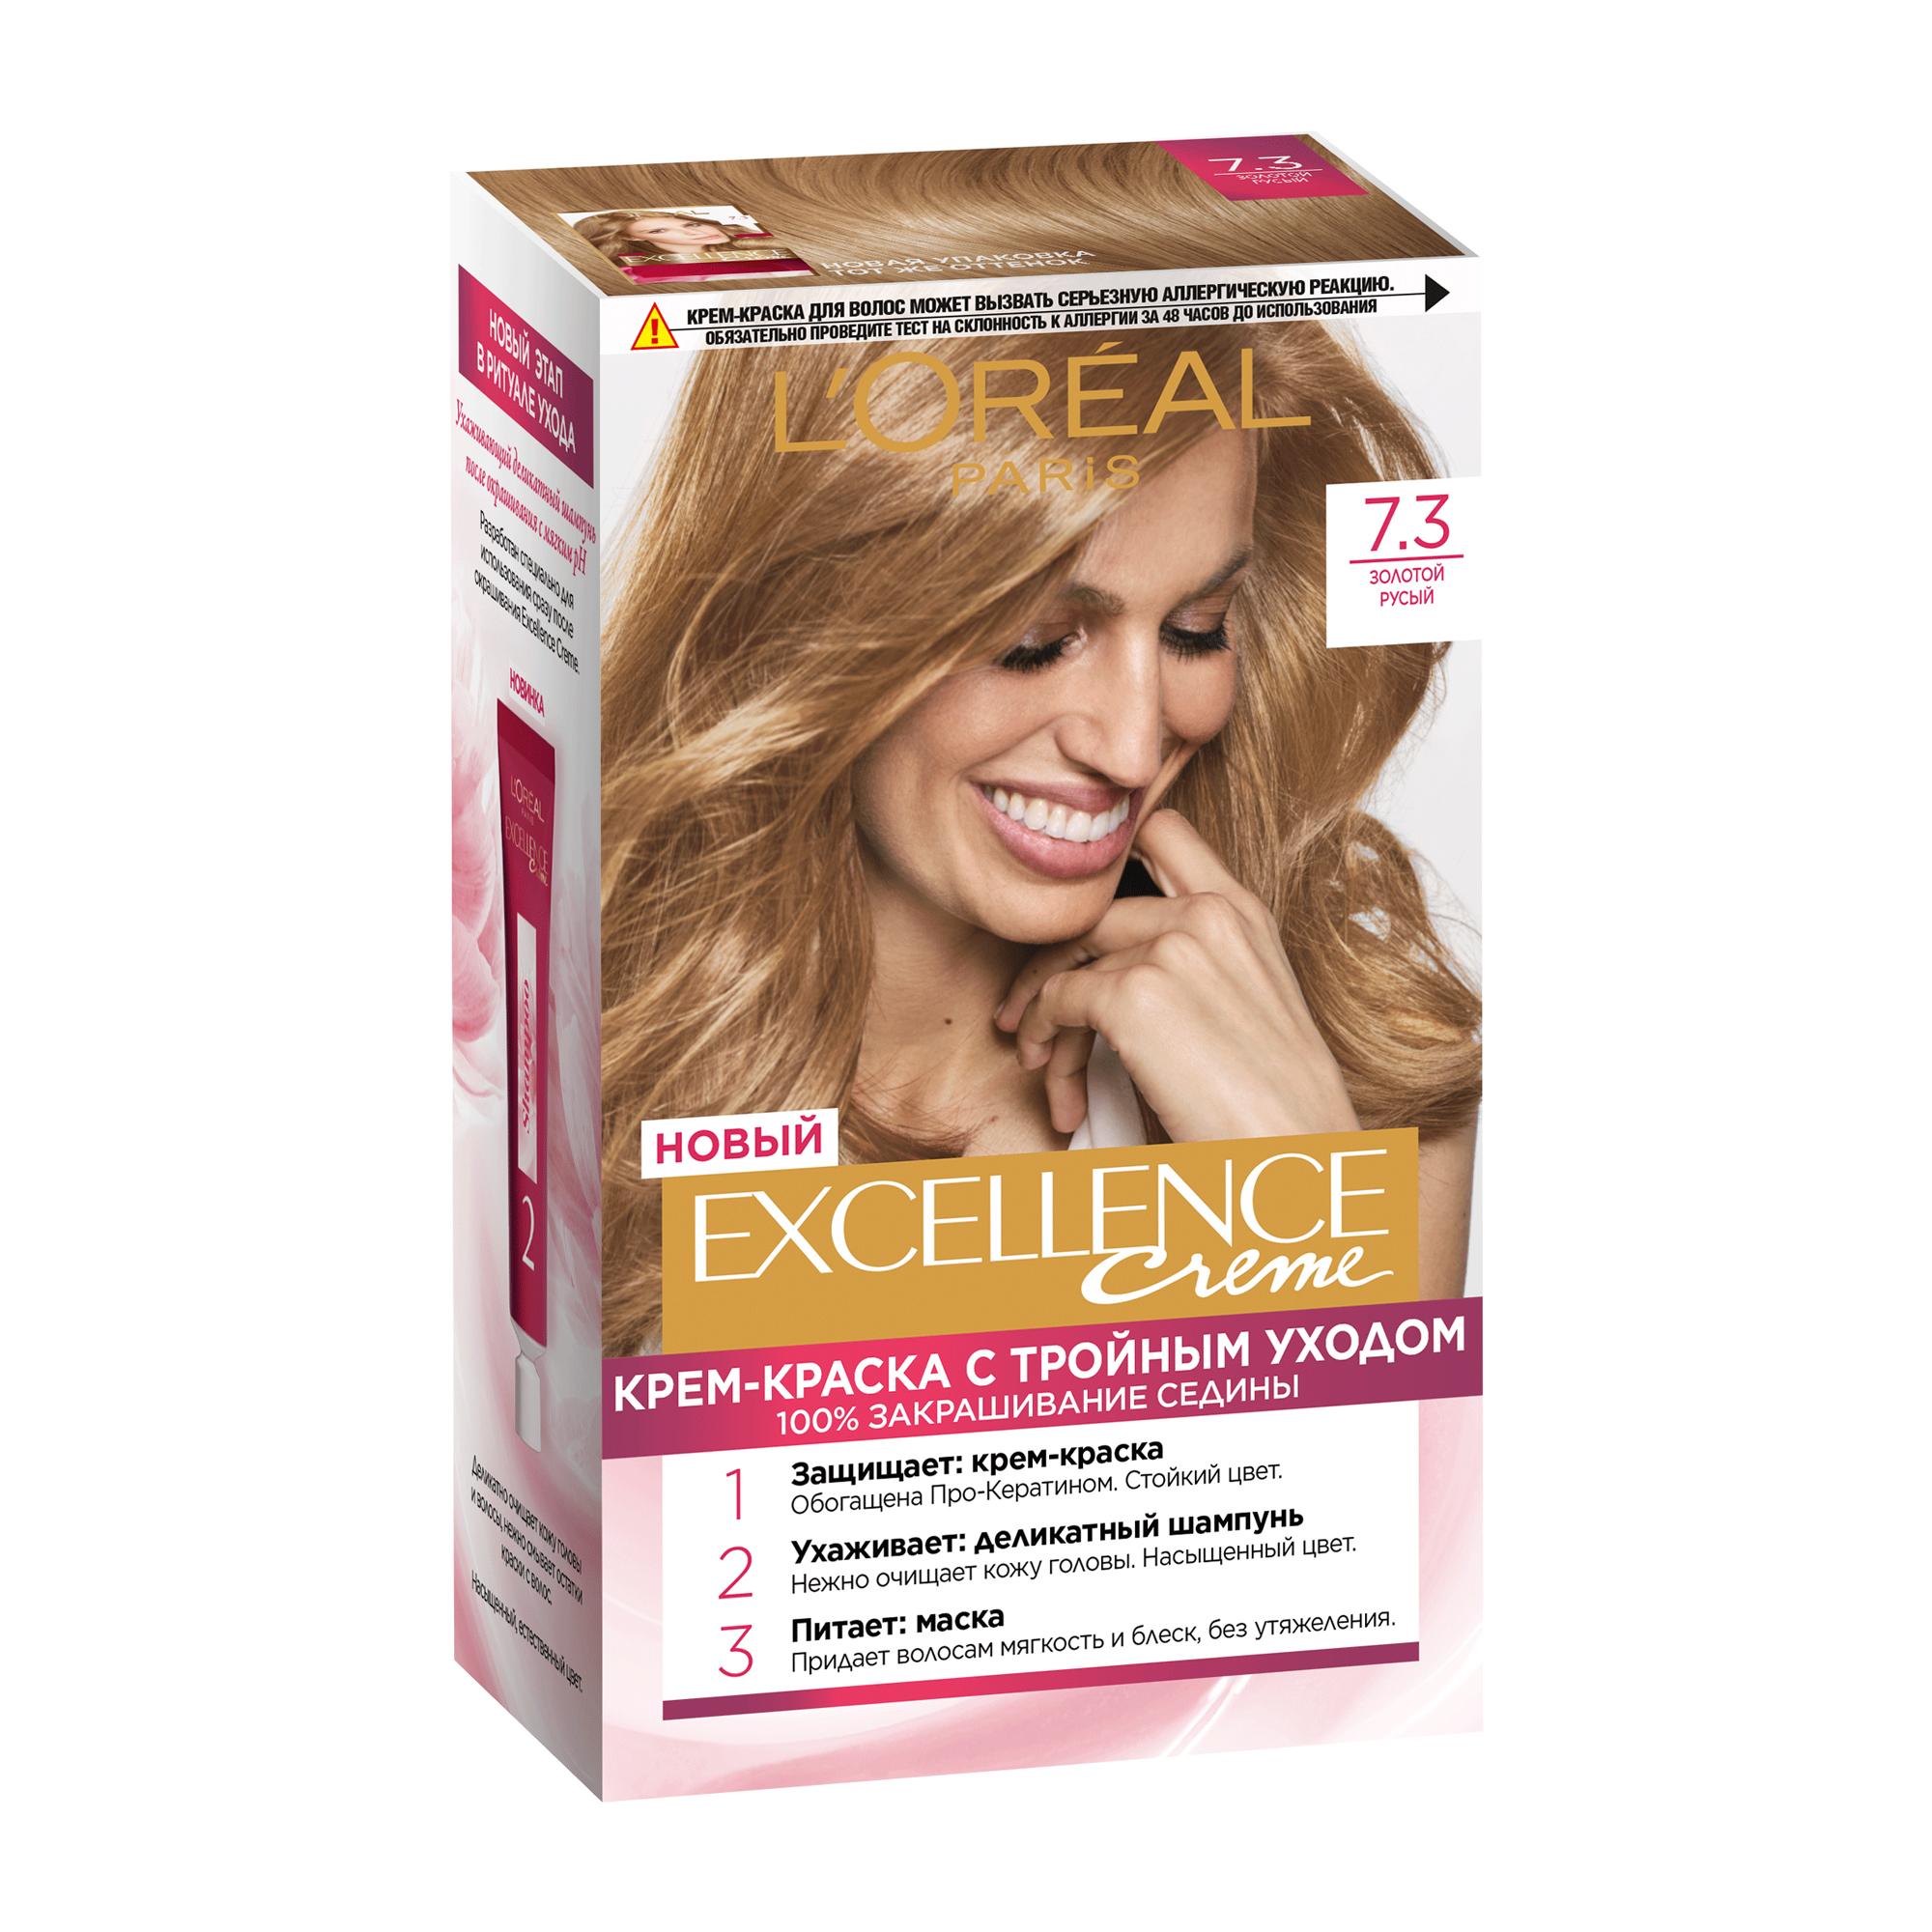 Краска L'Oreal Excellence стойкая 7.3 Золотой Русый (AA072400) loreal excellence краска для волос тон 7 1 русый пепельный